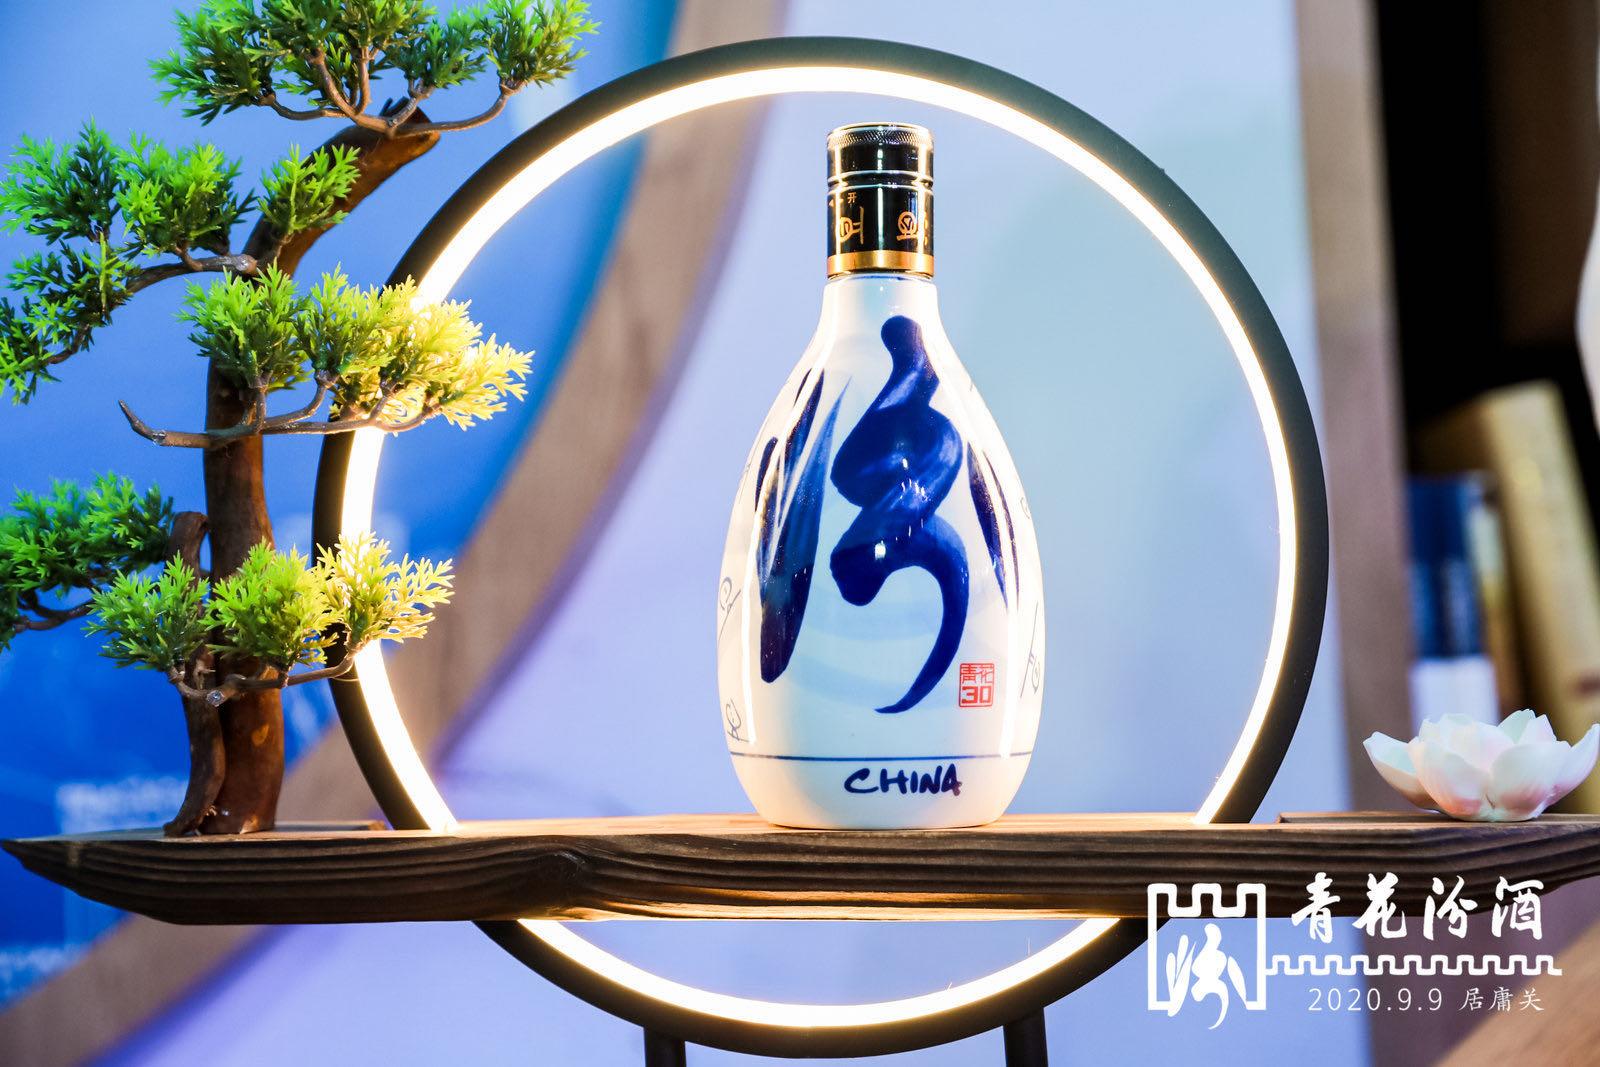 青花汾酒&华致酒行:上市公司强强联合,香遇大国之酿